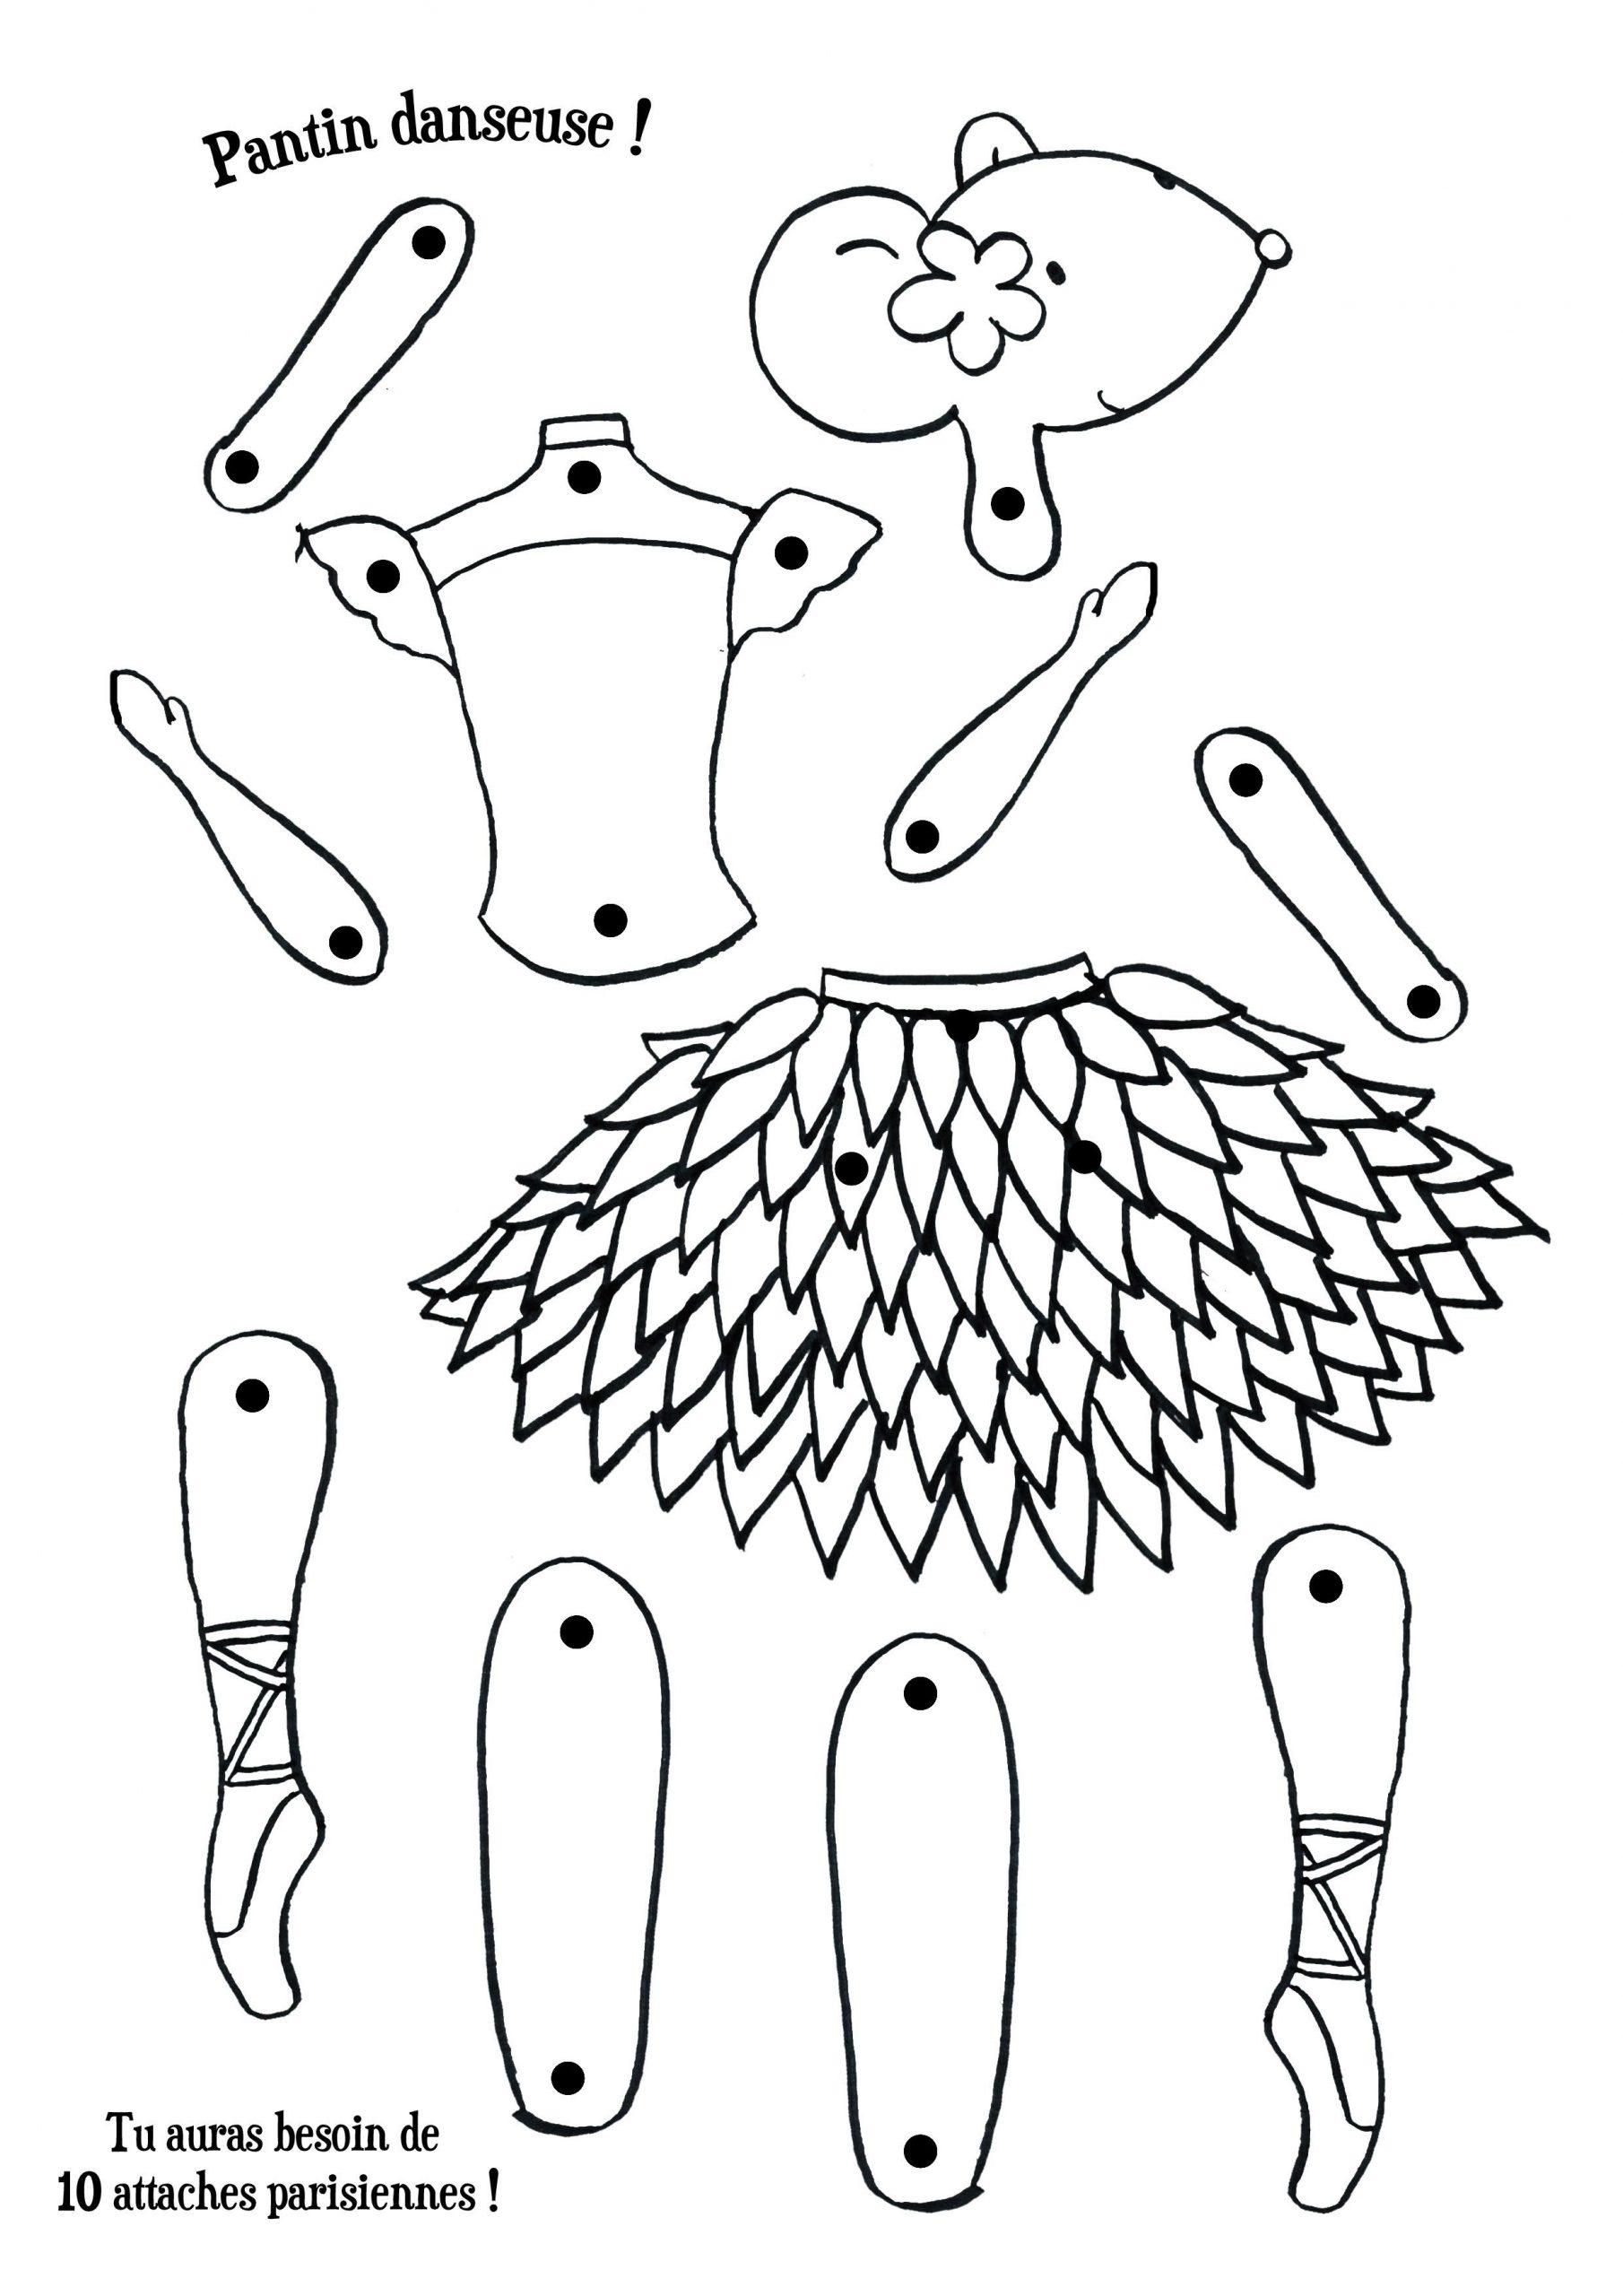 Épinglé Par Blandine Roux Sur Bricolage En 2020 | Bricolage encequiconcerne Dessin Pantin